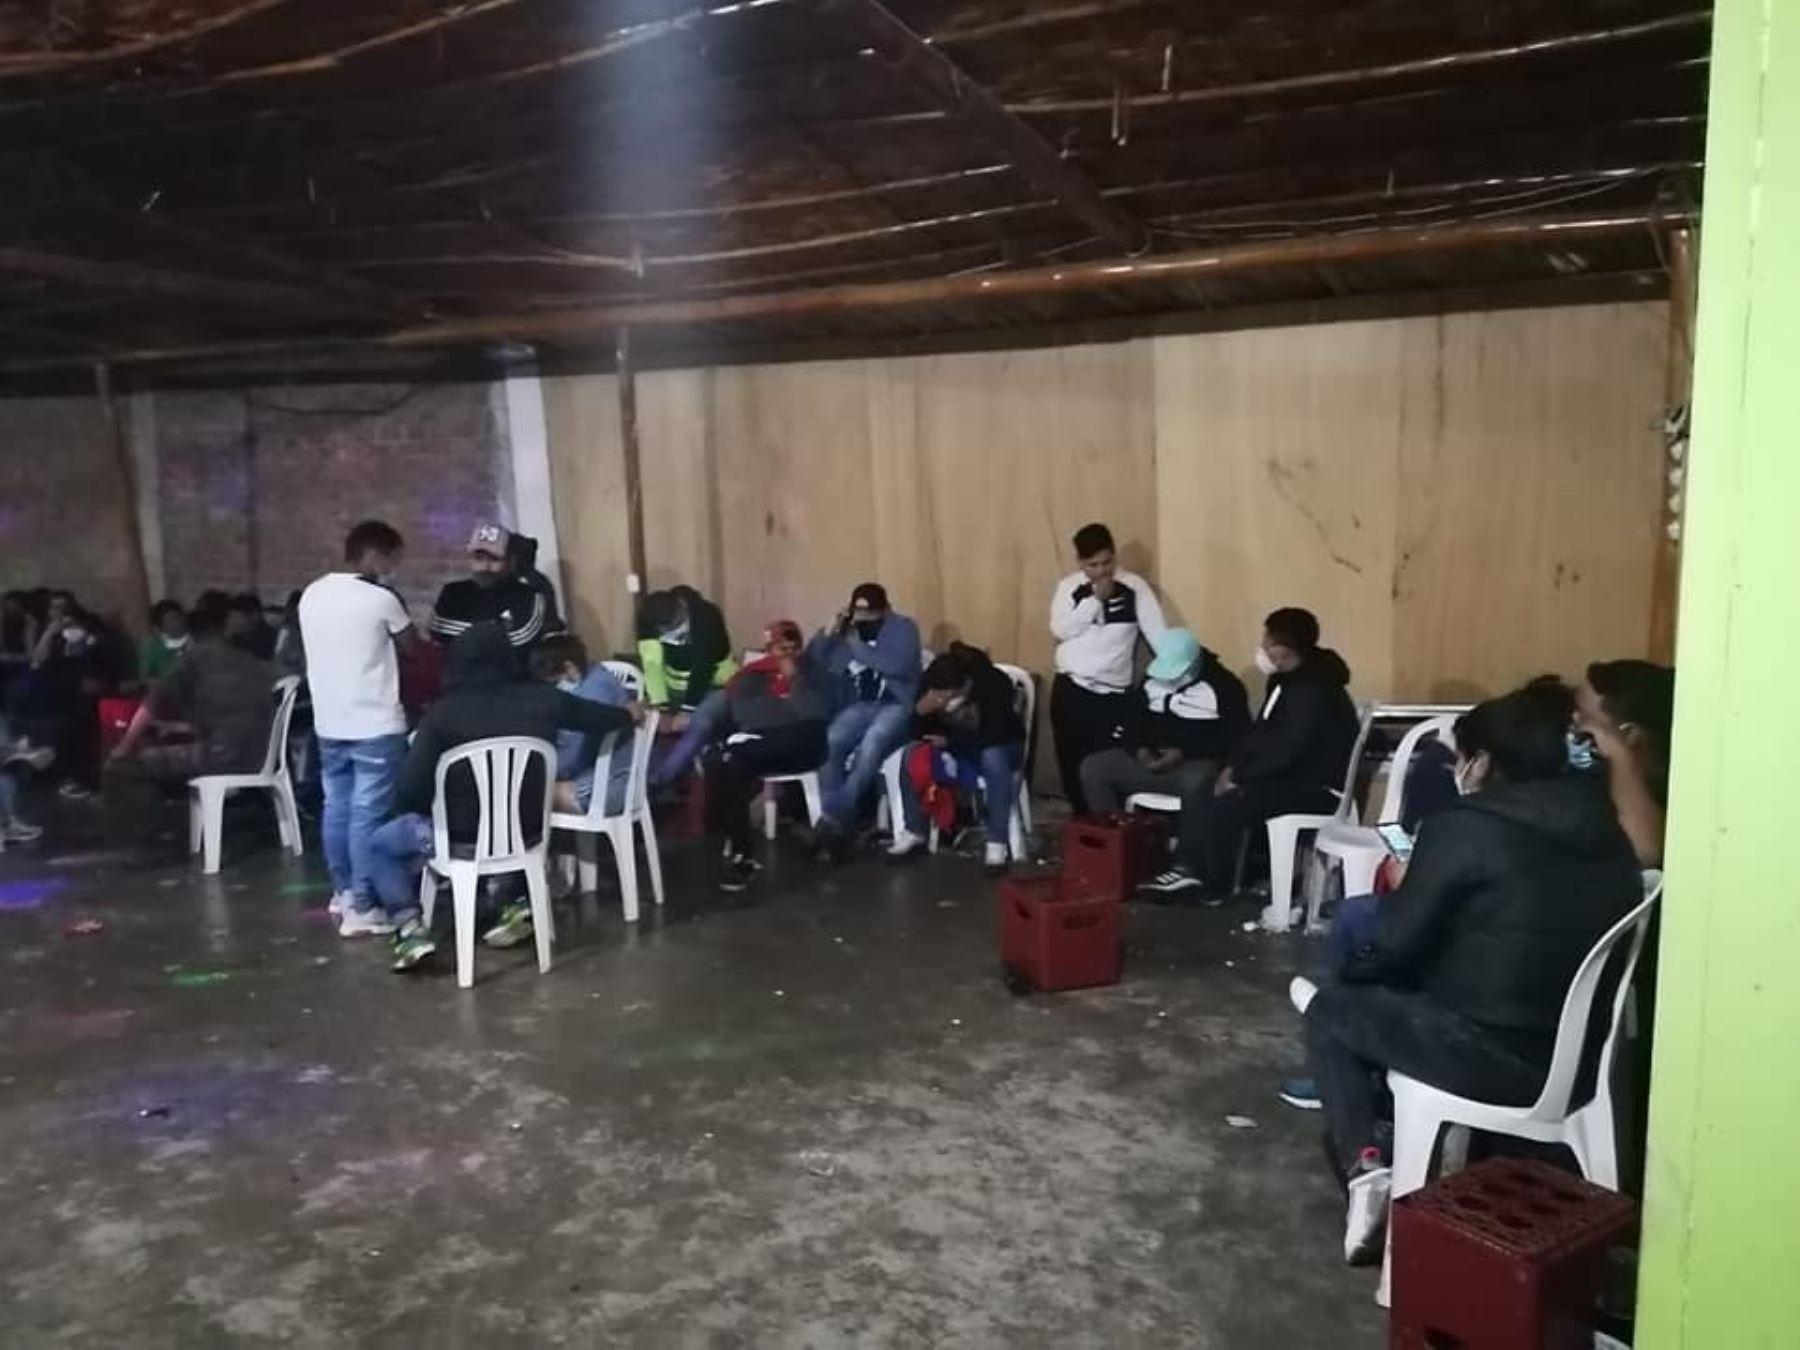 Policía Nacional intervino esta madrugada a 80 personas que participan de una fiesta en Chimbote, pese a la prohibición existente. ANDINA/Difusión